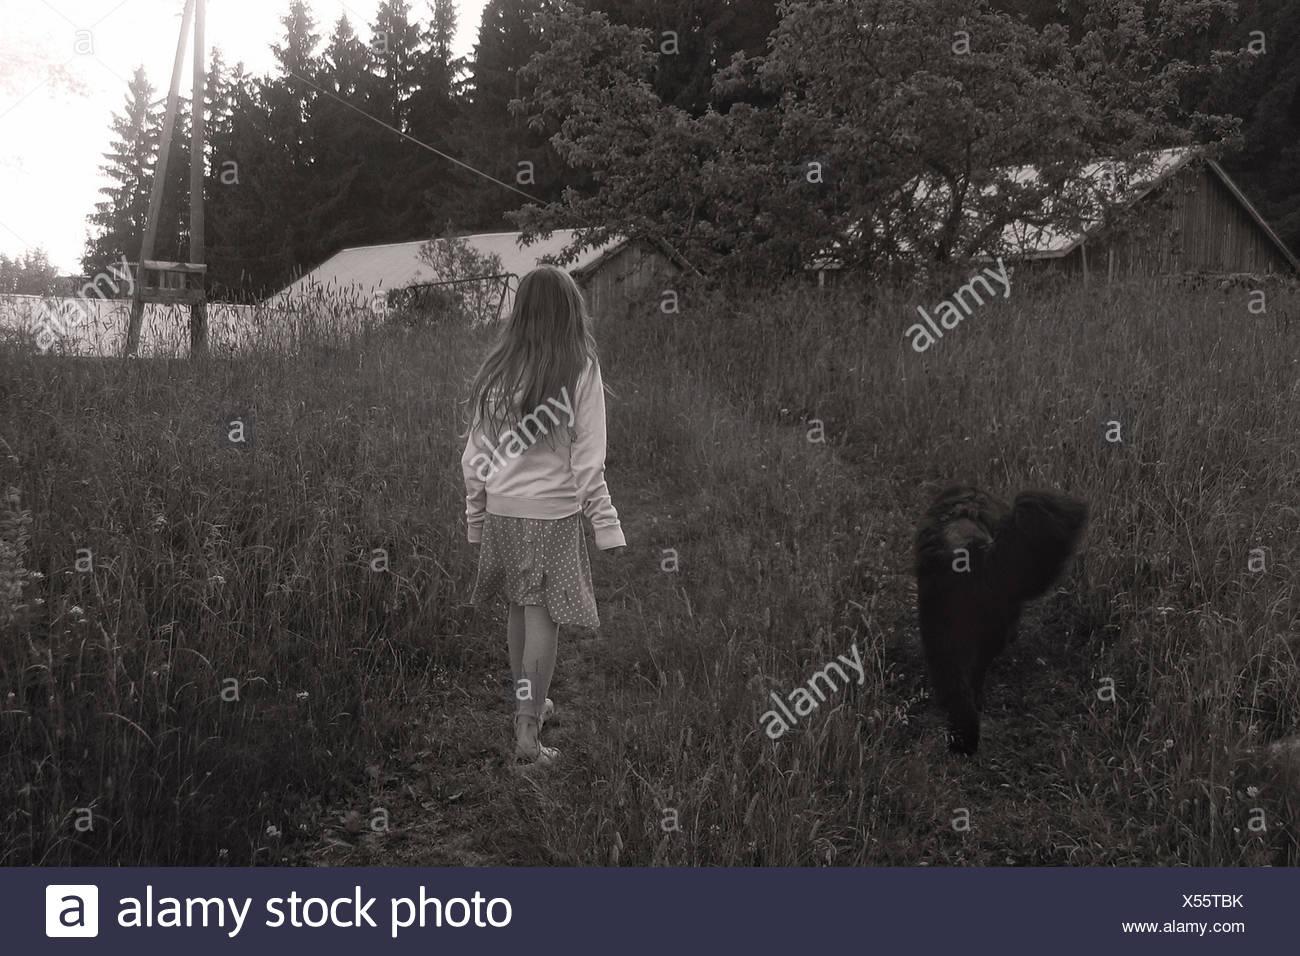 Girl and dog - Stock Image